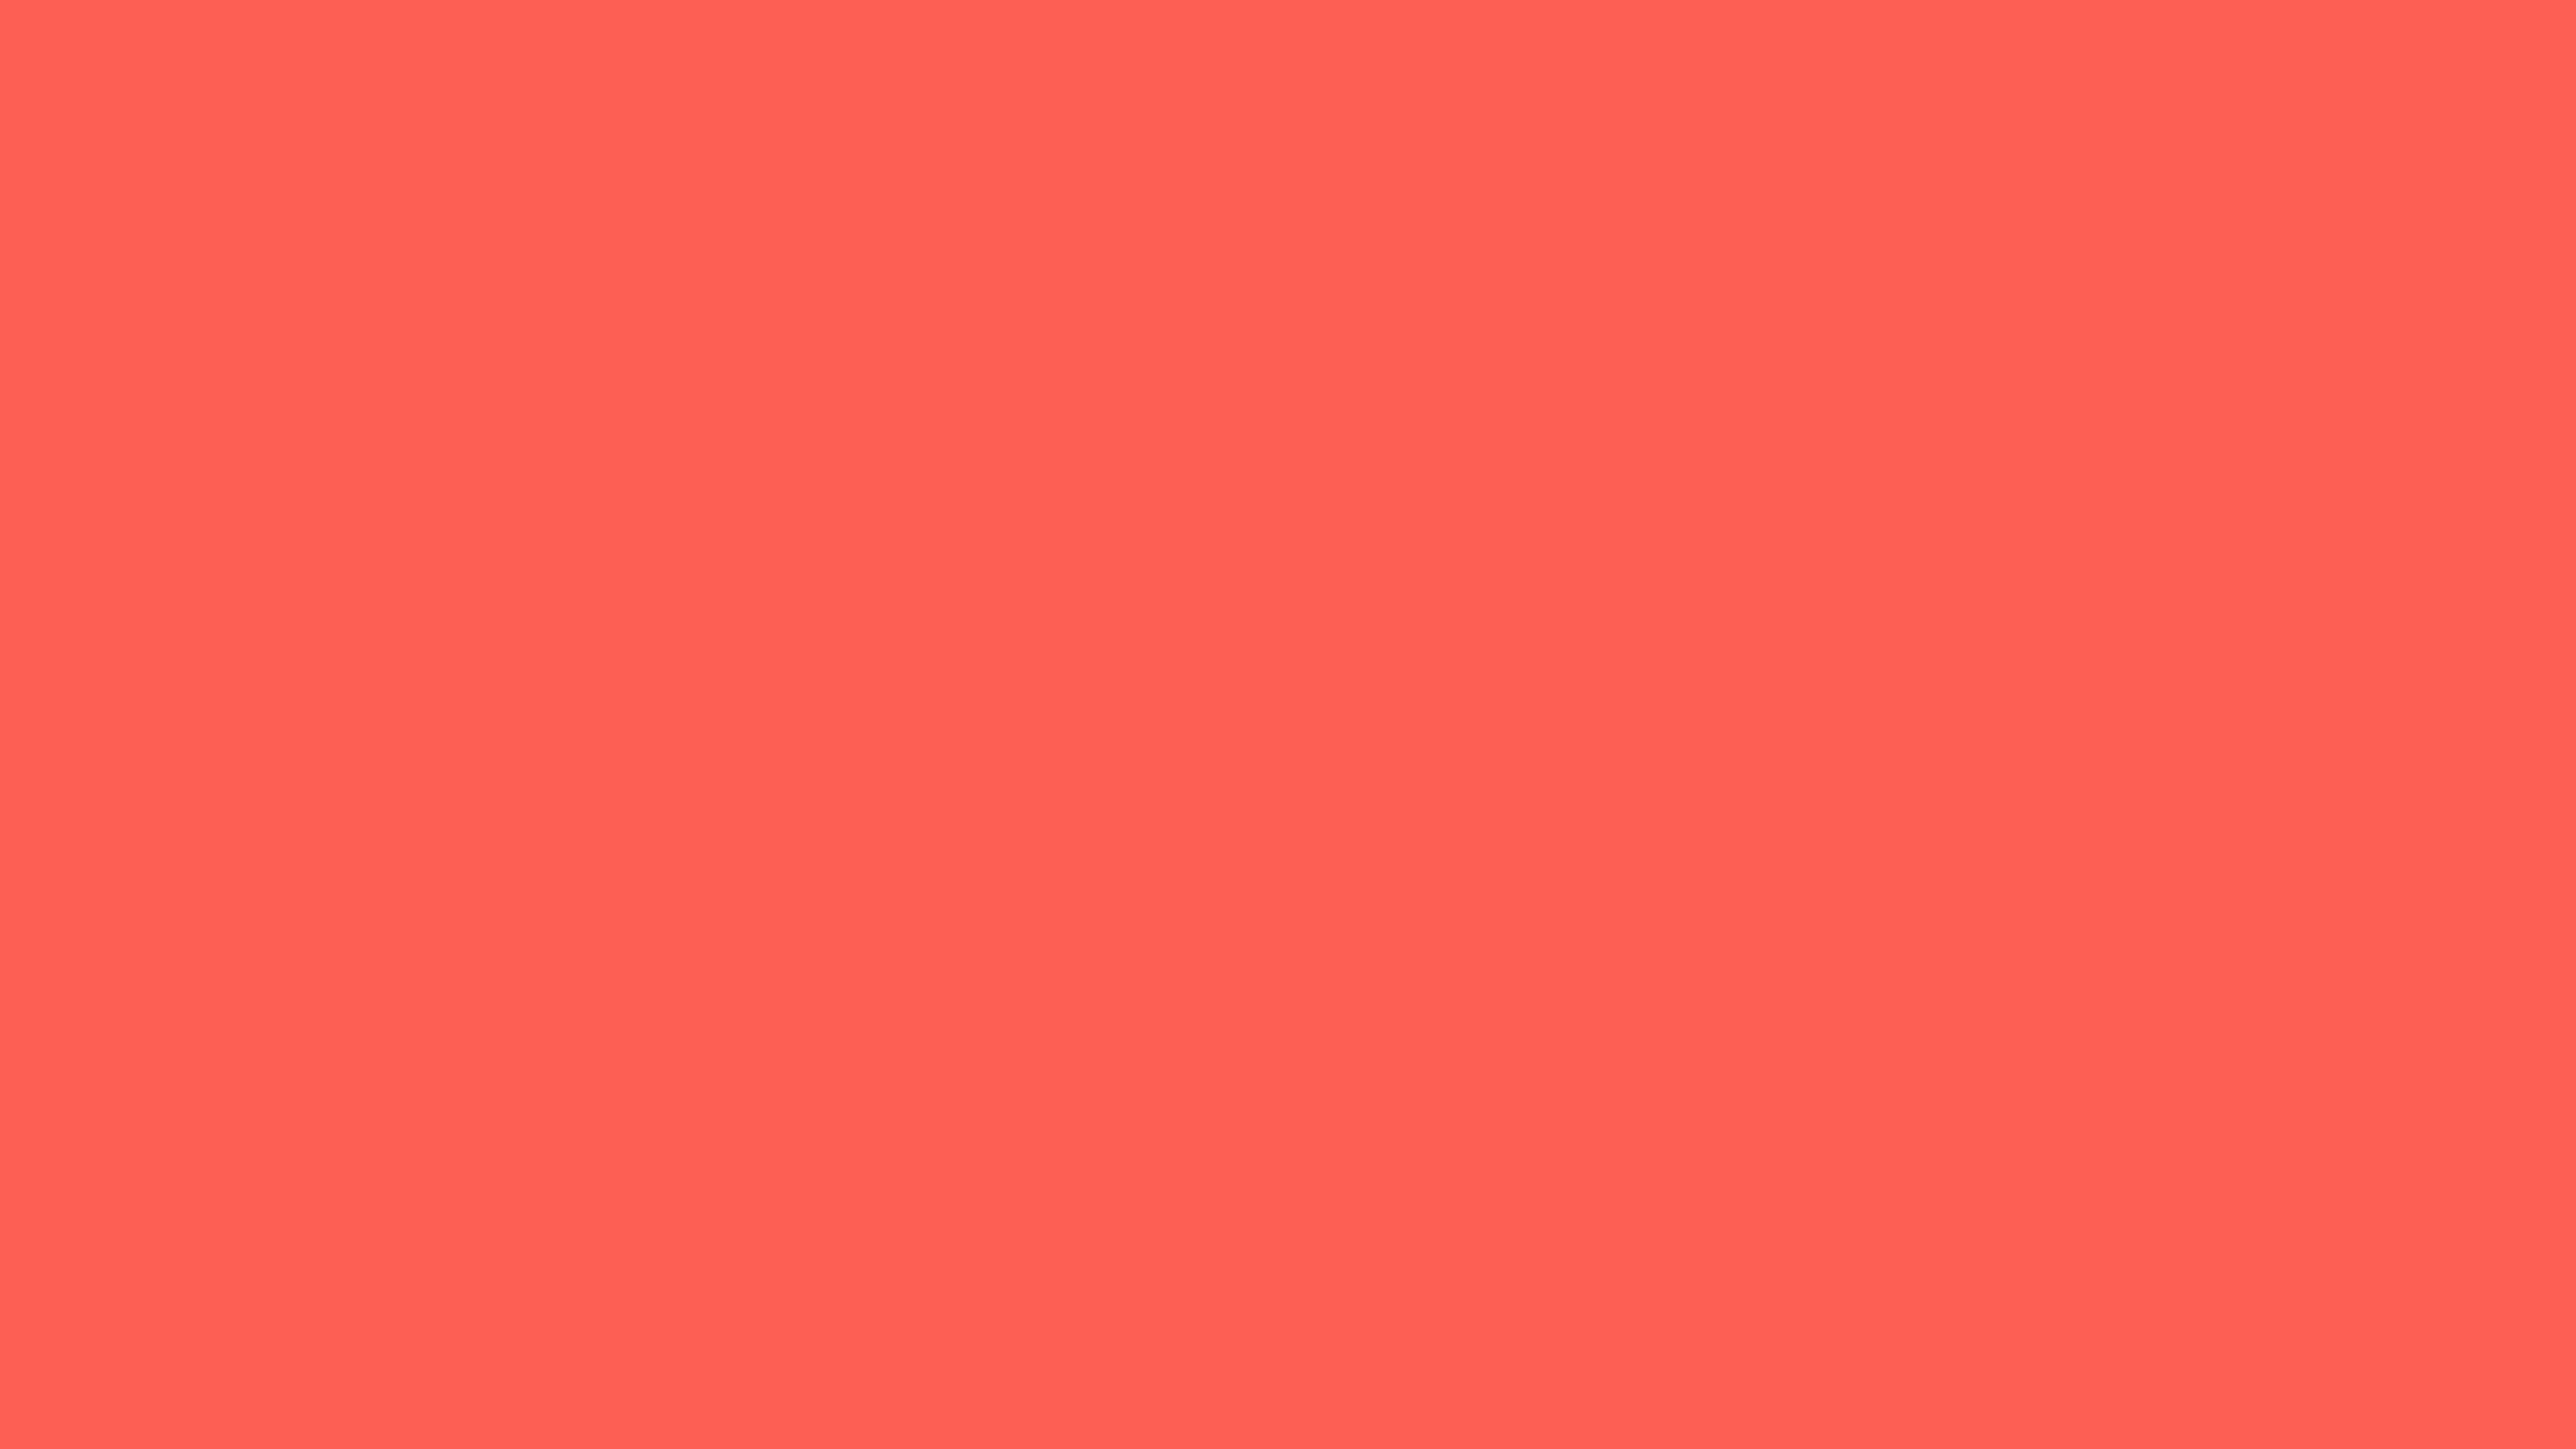 4096x2304 Sunset Orange Solid Color Background